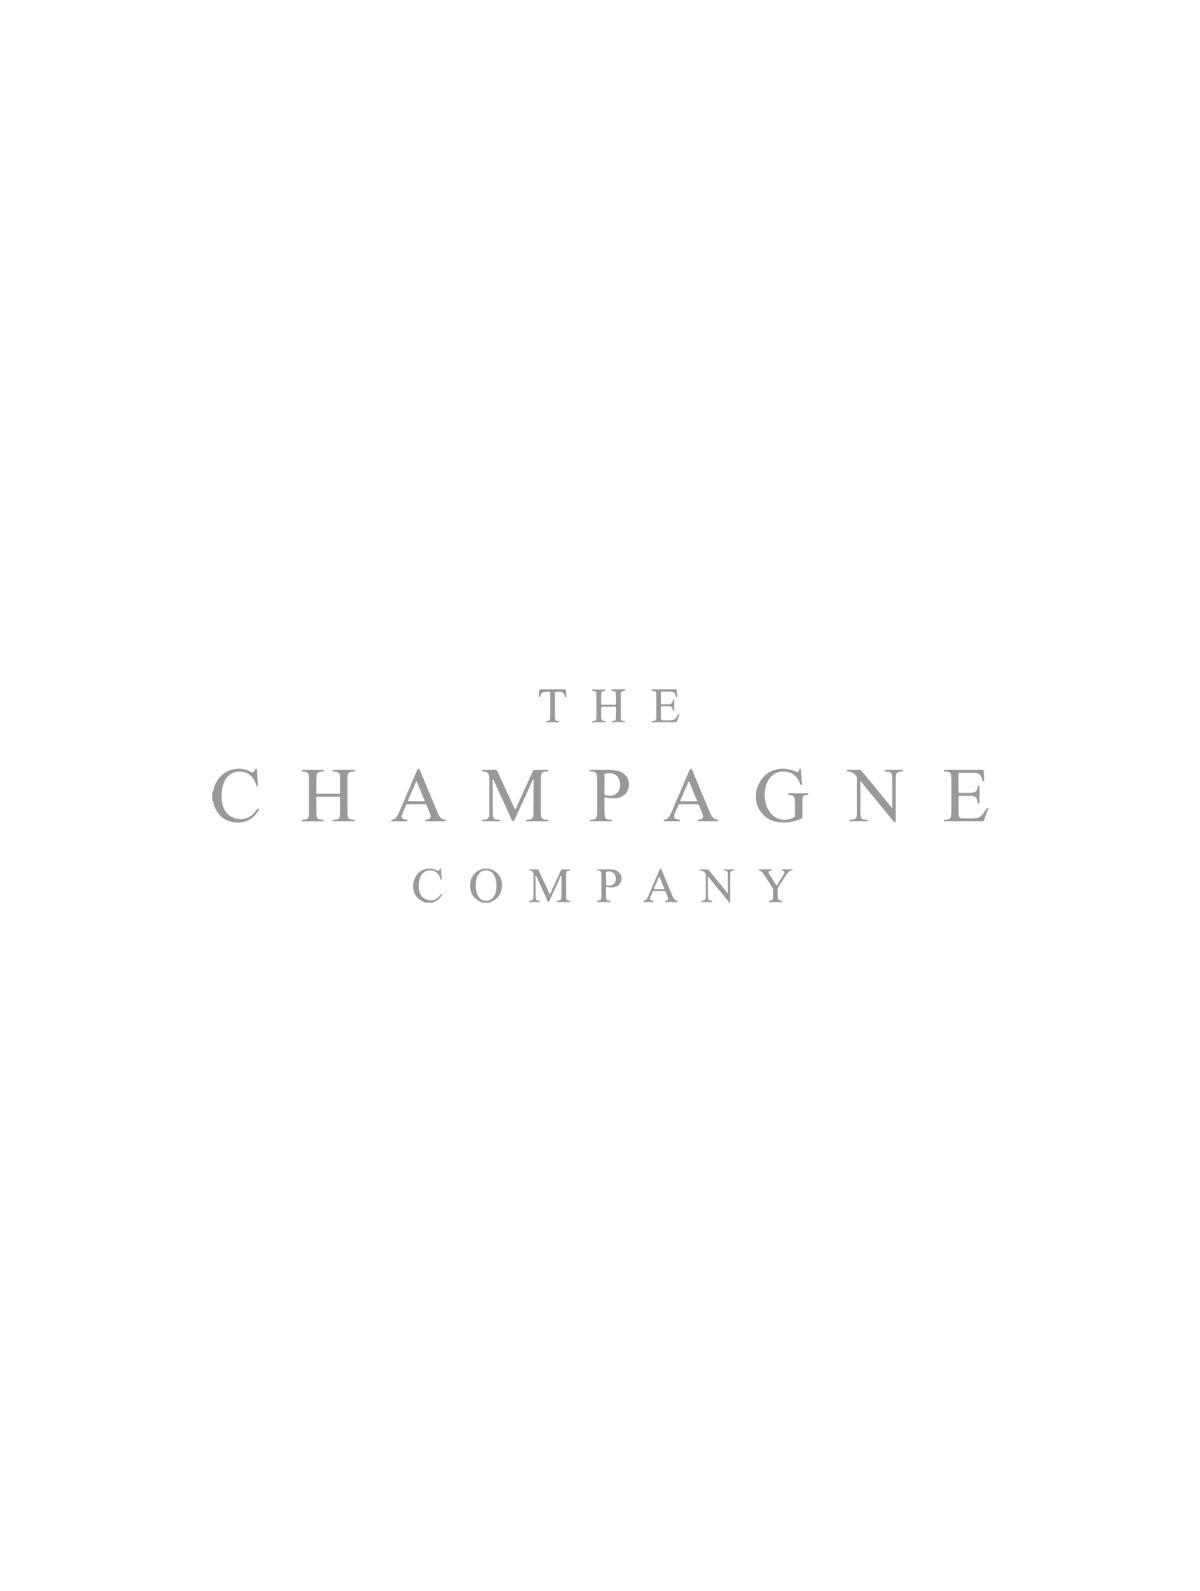 Rare Brut Vintage 2002 Champagne 75cl